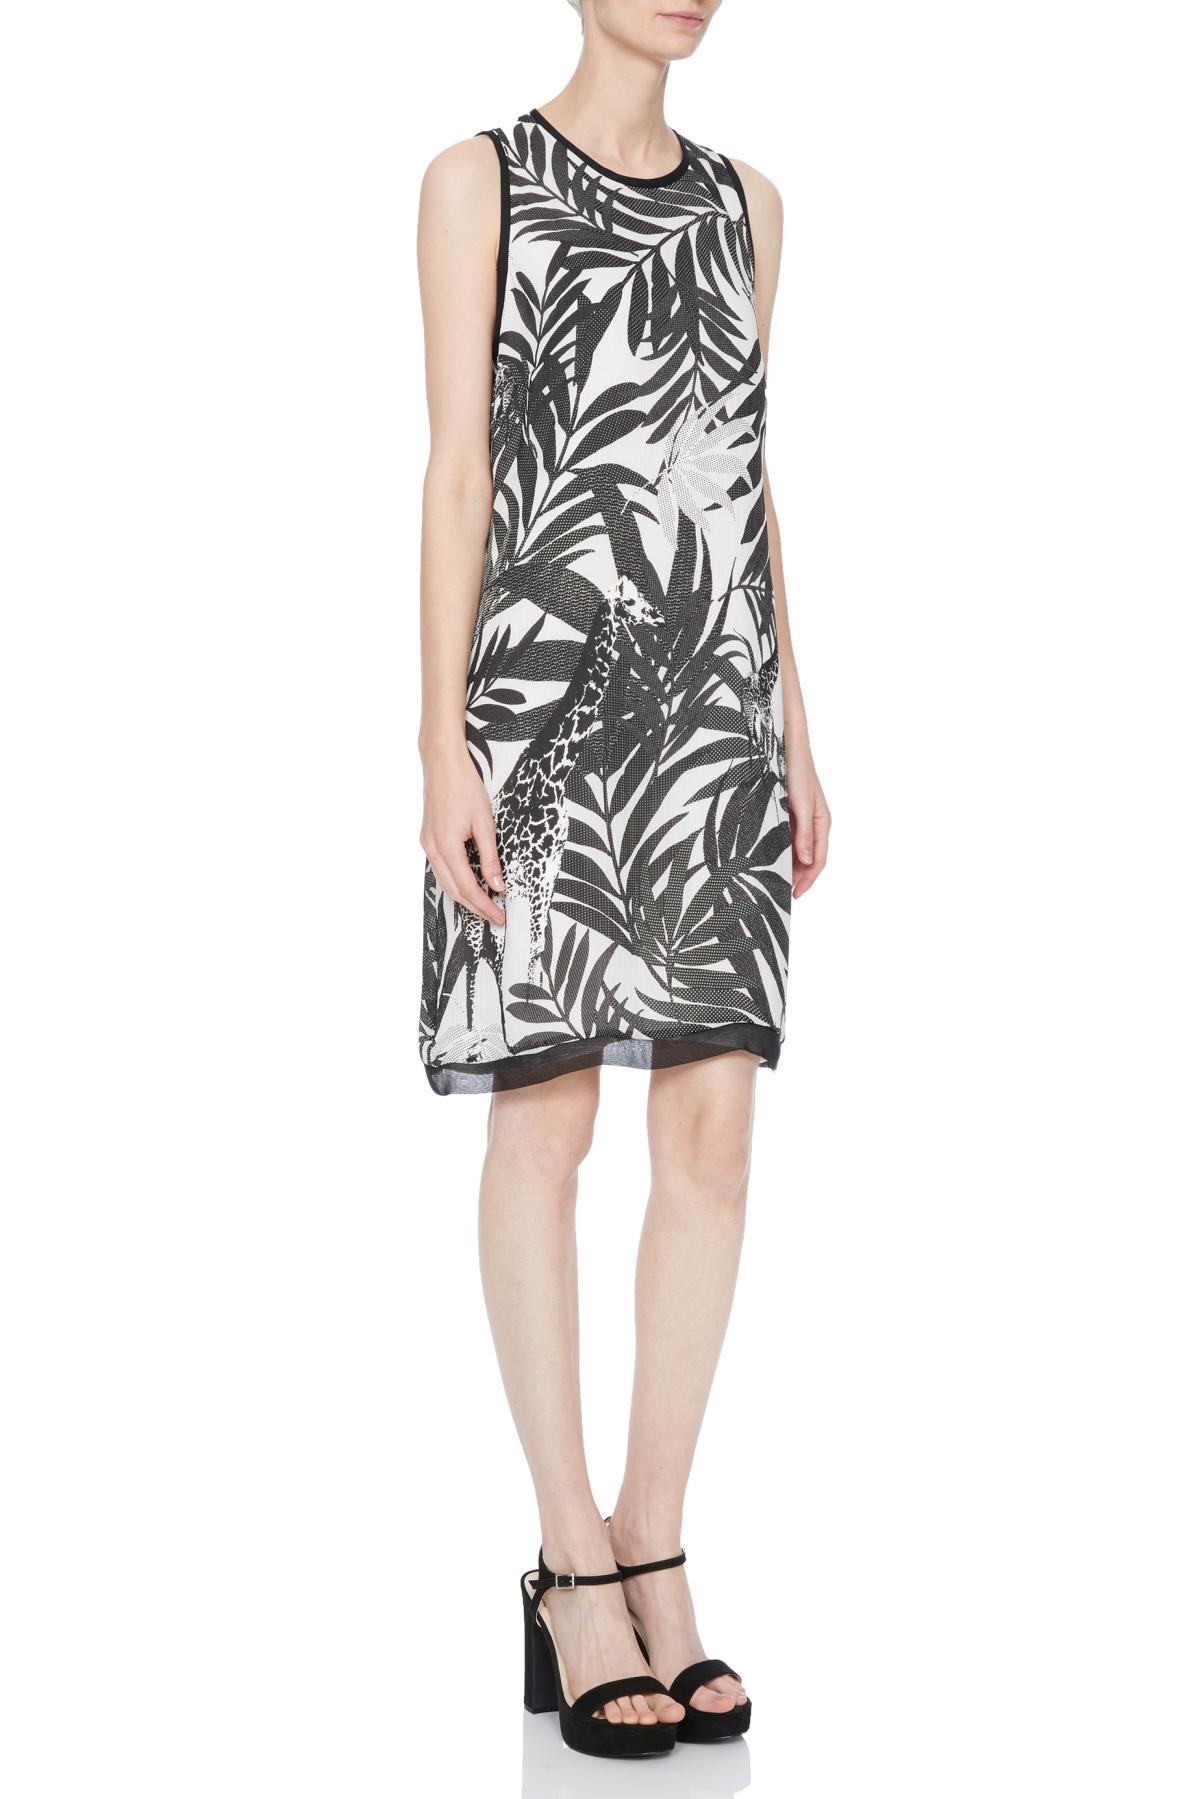 Rückansicht von Ana Alcazar A-Linien Kleid Nelda  angezogen an Model